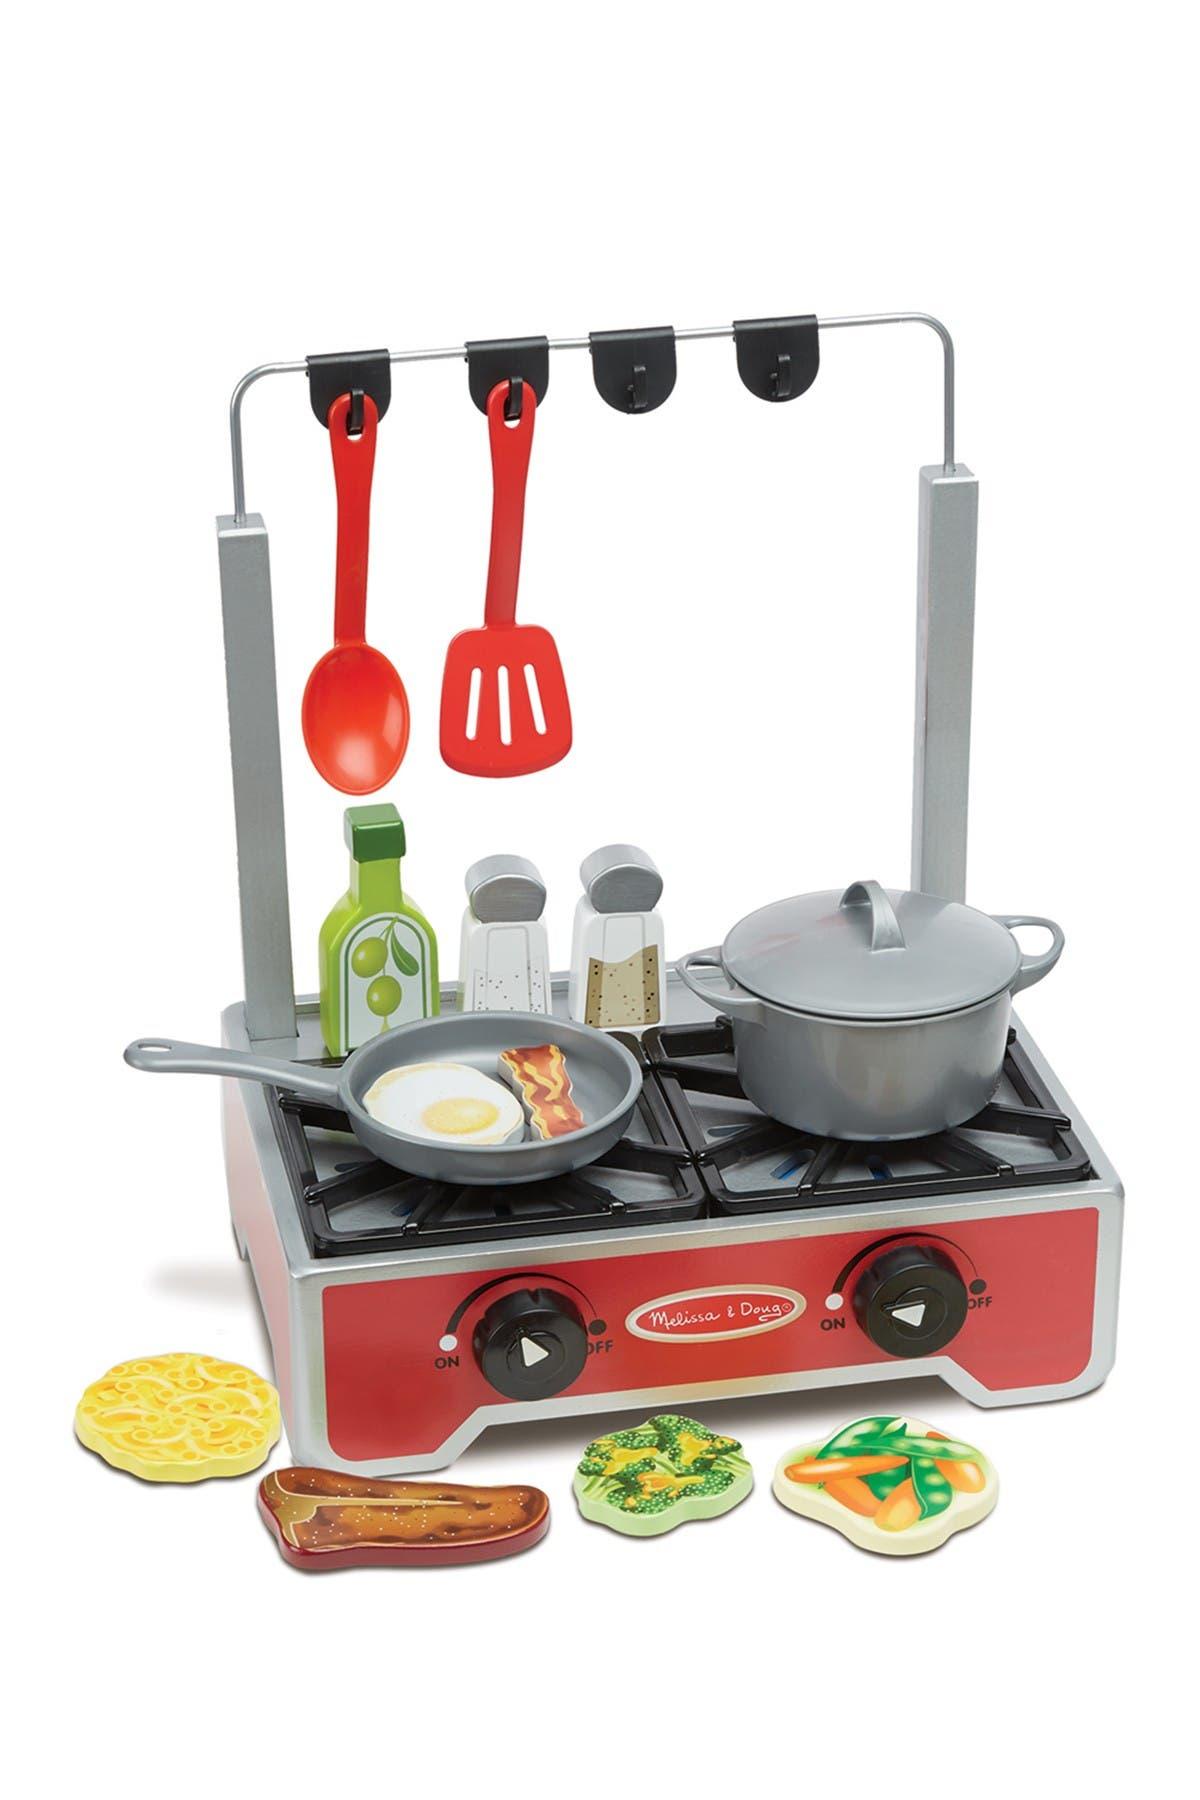 Image of Melissa & Doug Deluxe Wooden Cooktop Set